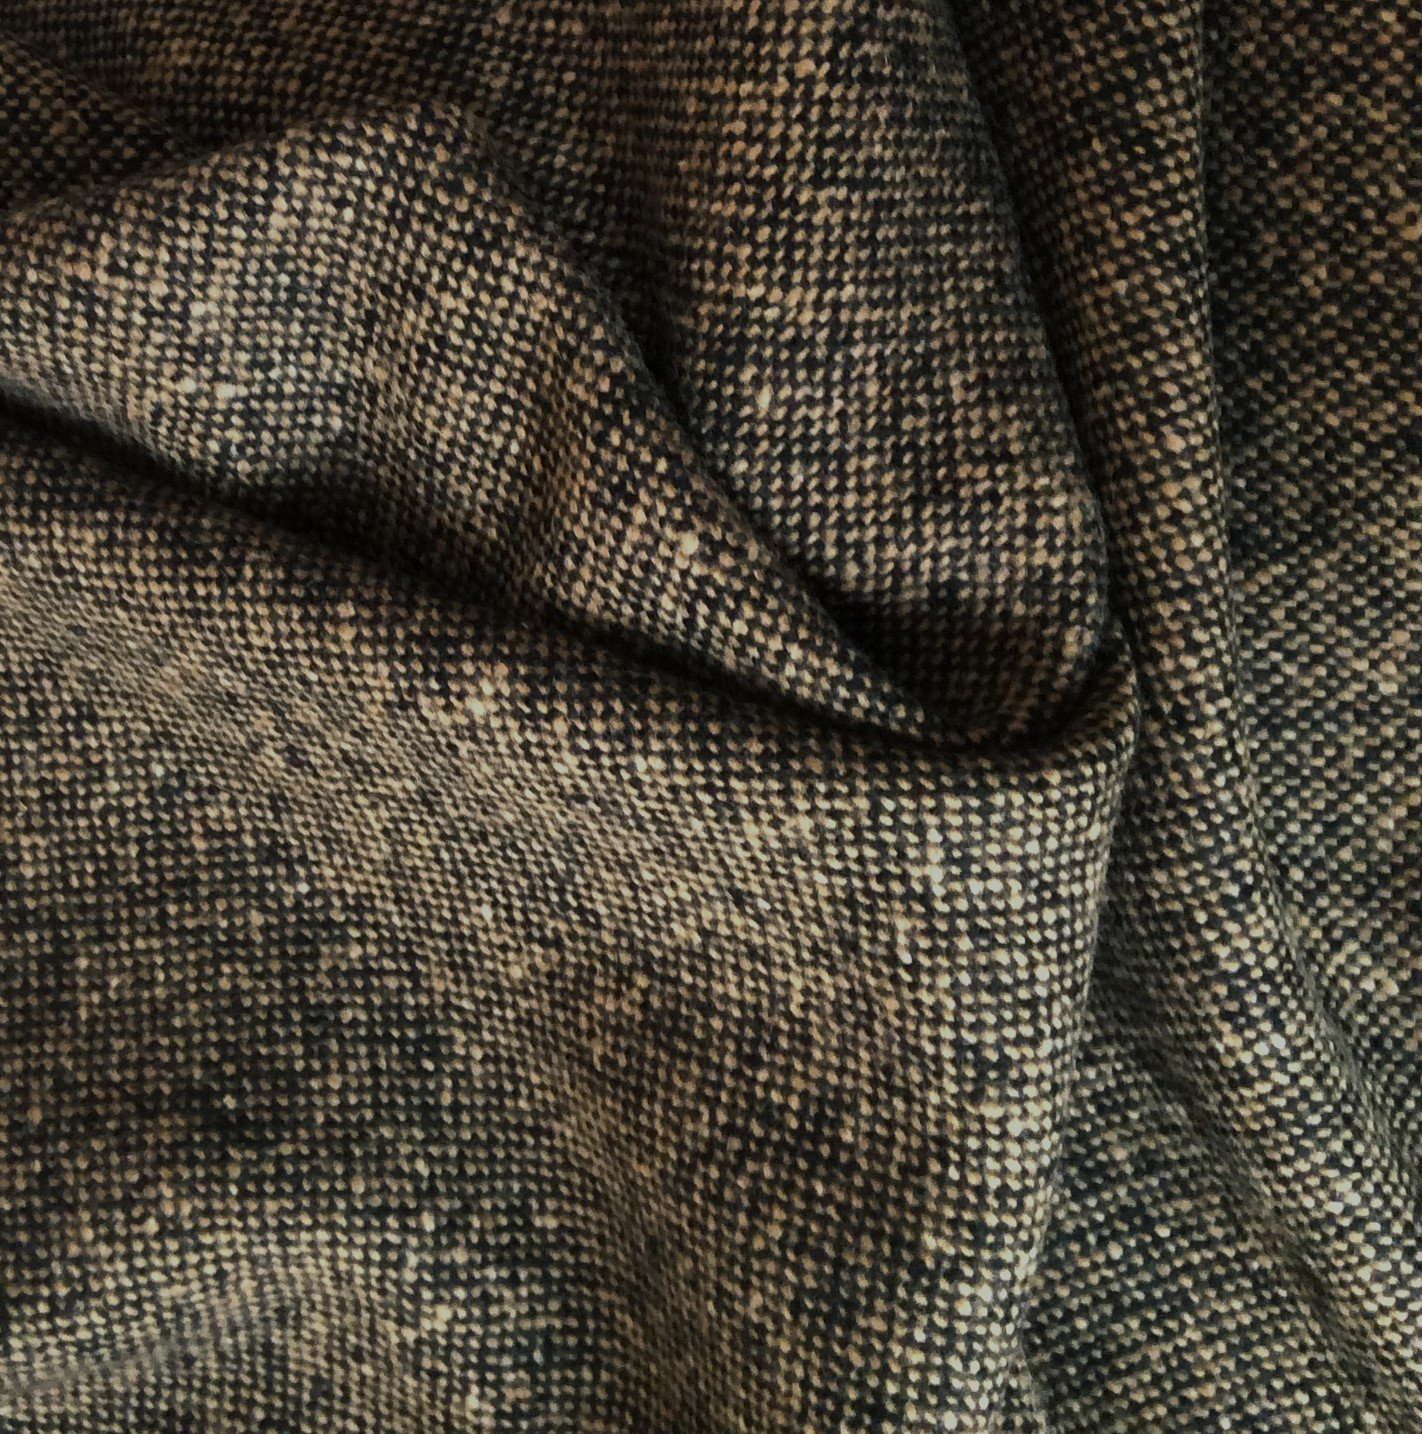 Tissu tweed laine bicolore noir camel